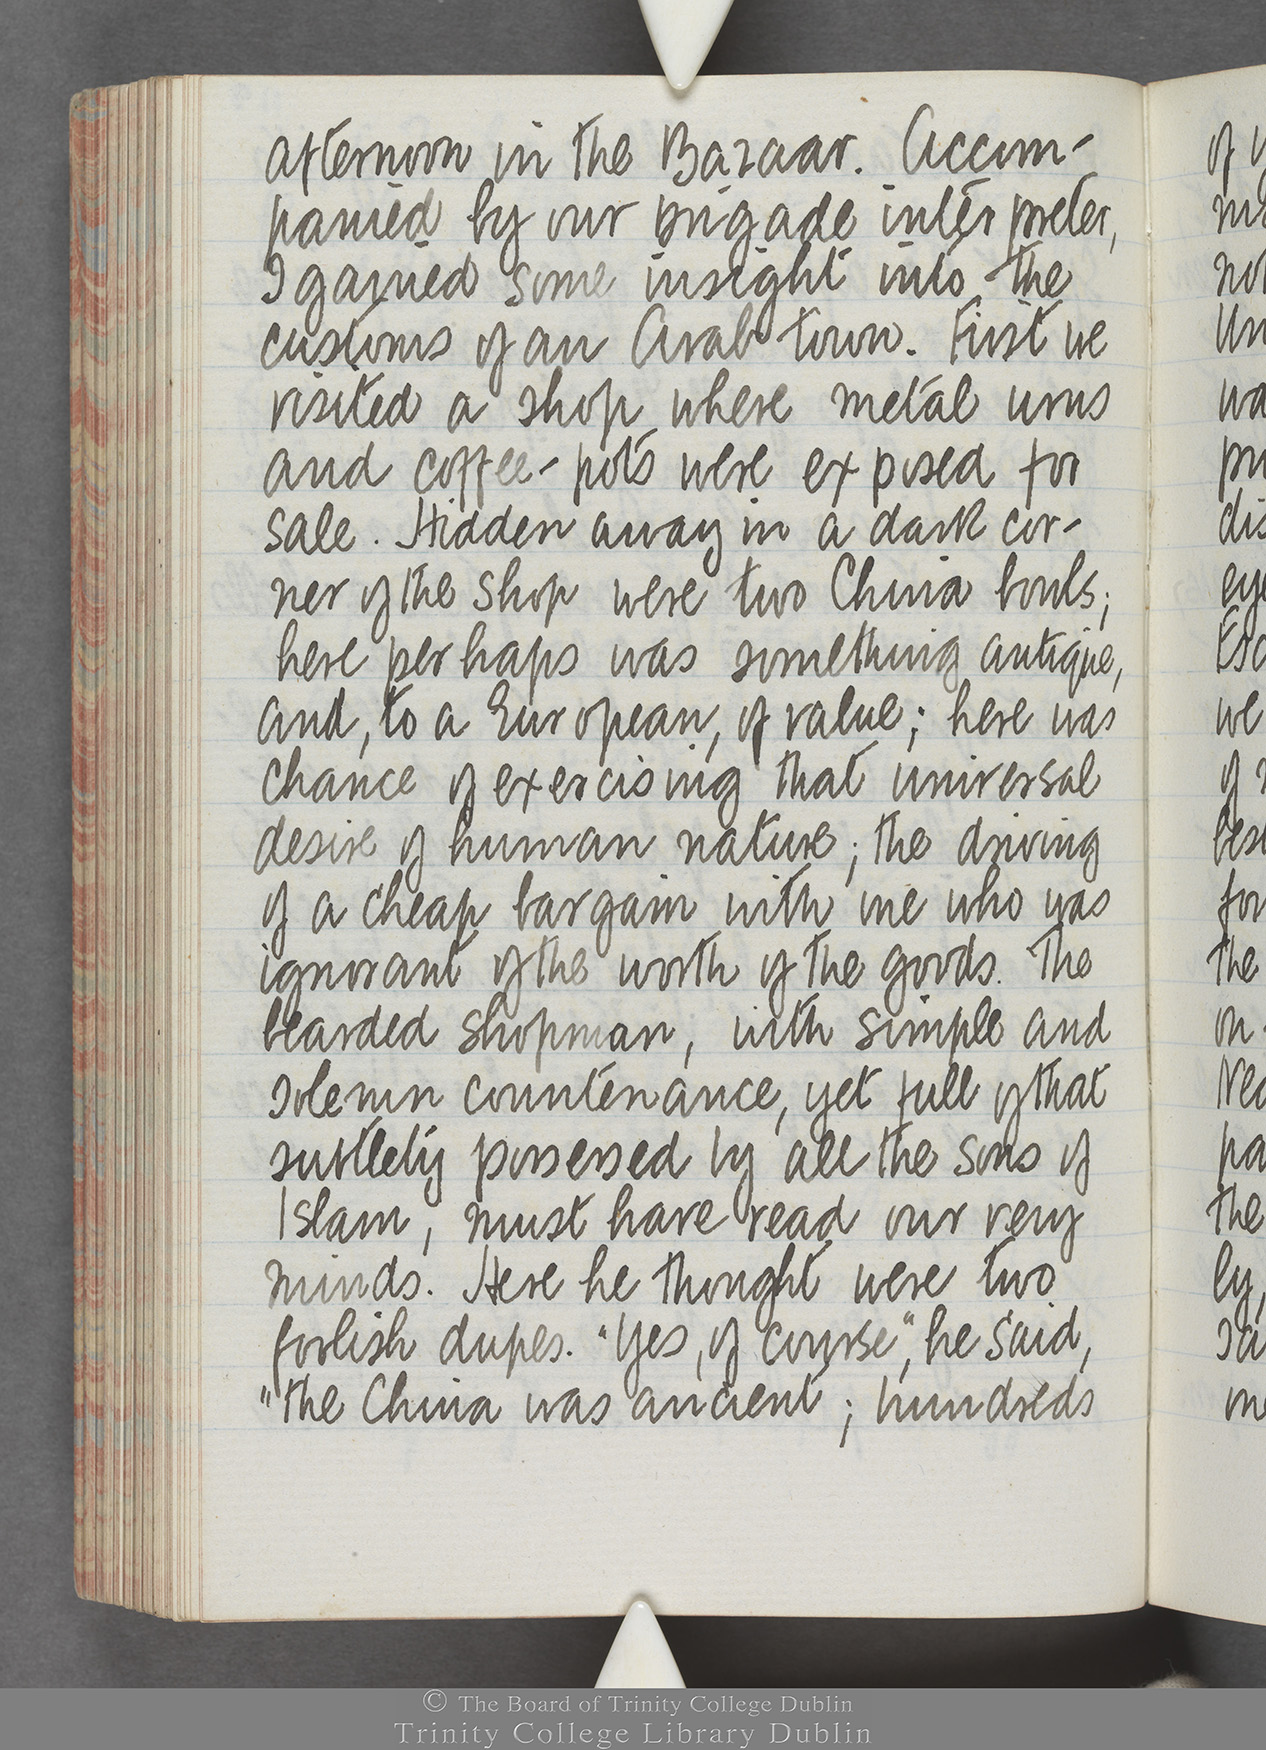 TCD MS 10515 folio 119 verso